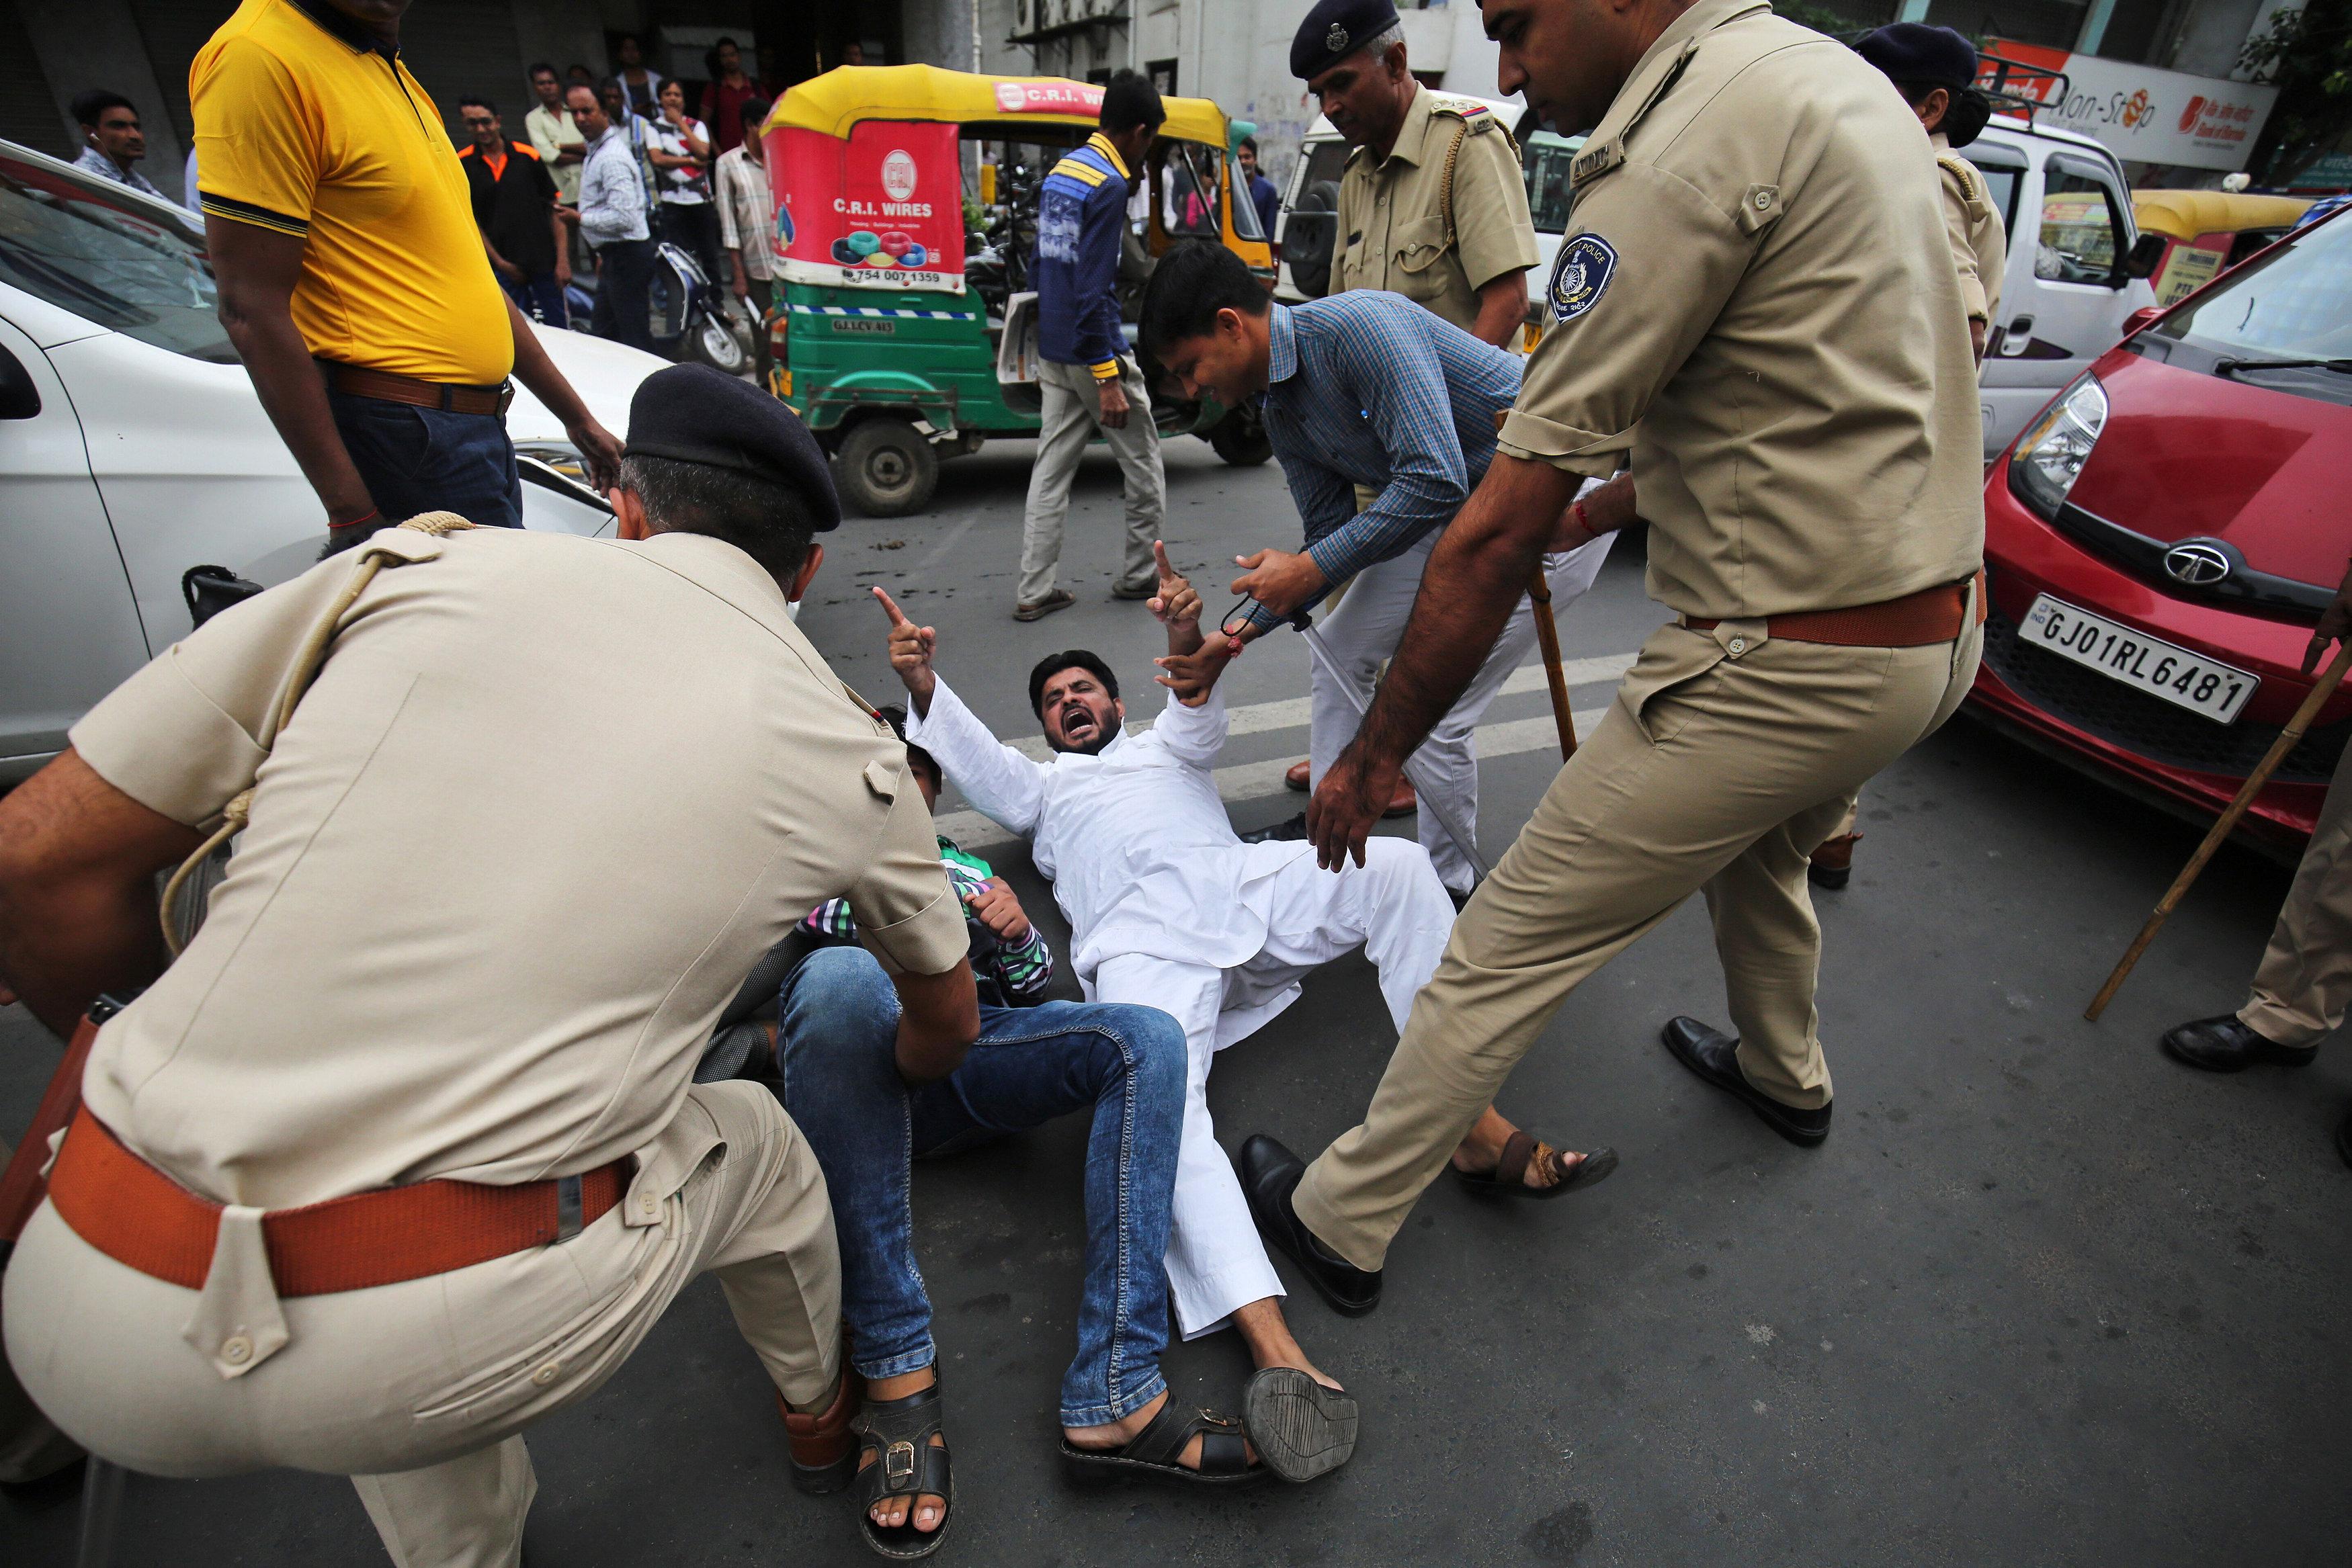 مواطن هندى يحاول الفرار من الشرطة عقب القاء القبض عليه